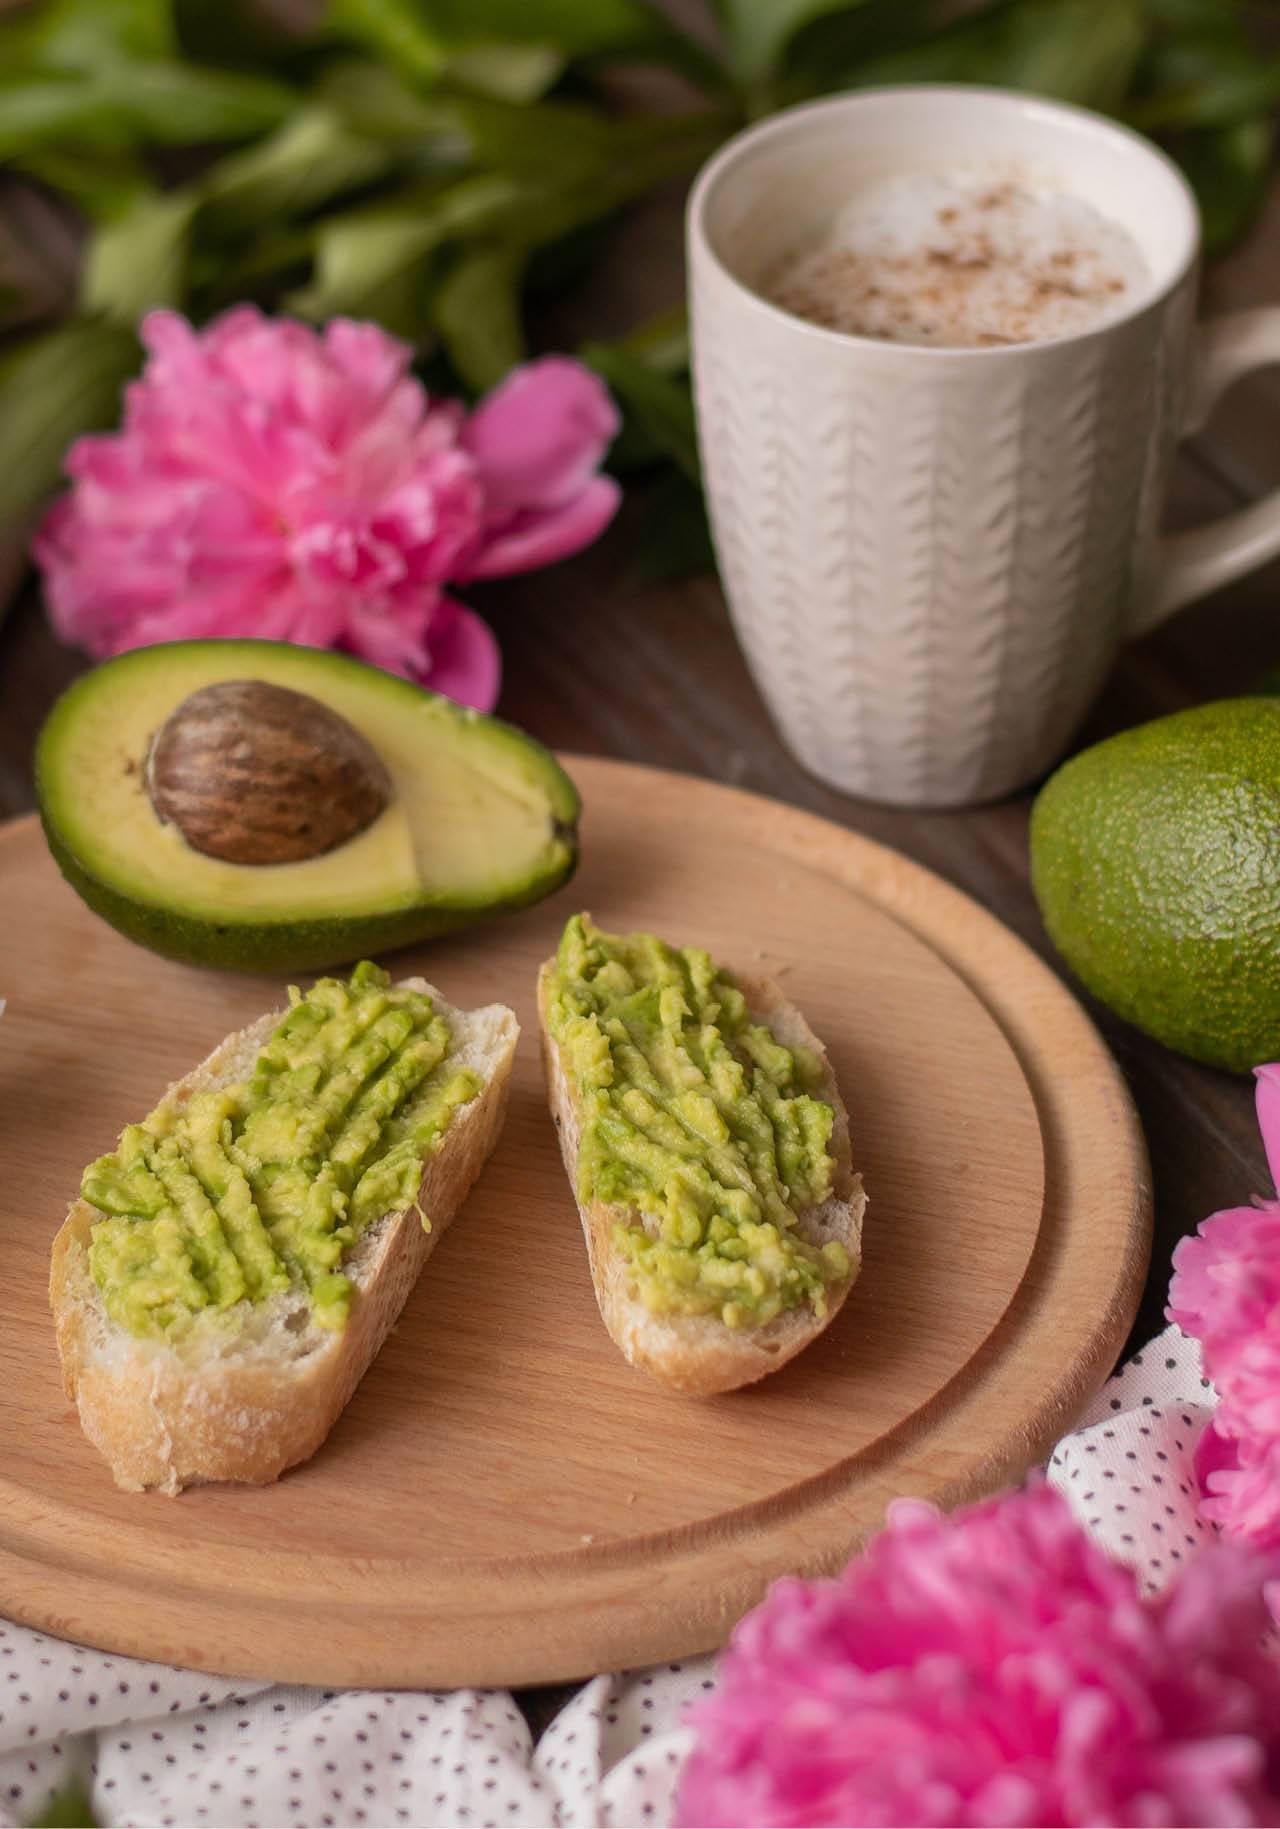 como llevar alimentacion mas saludable desayunos saciantes